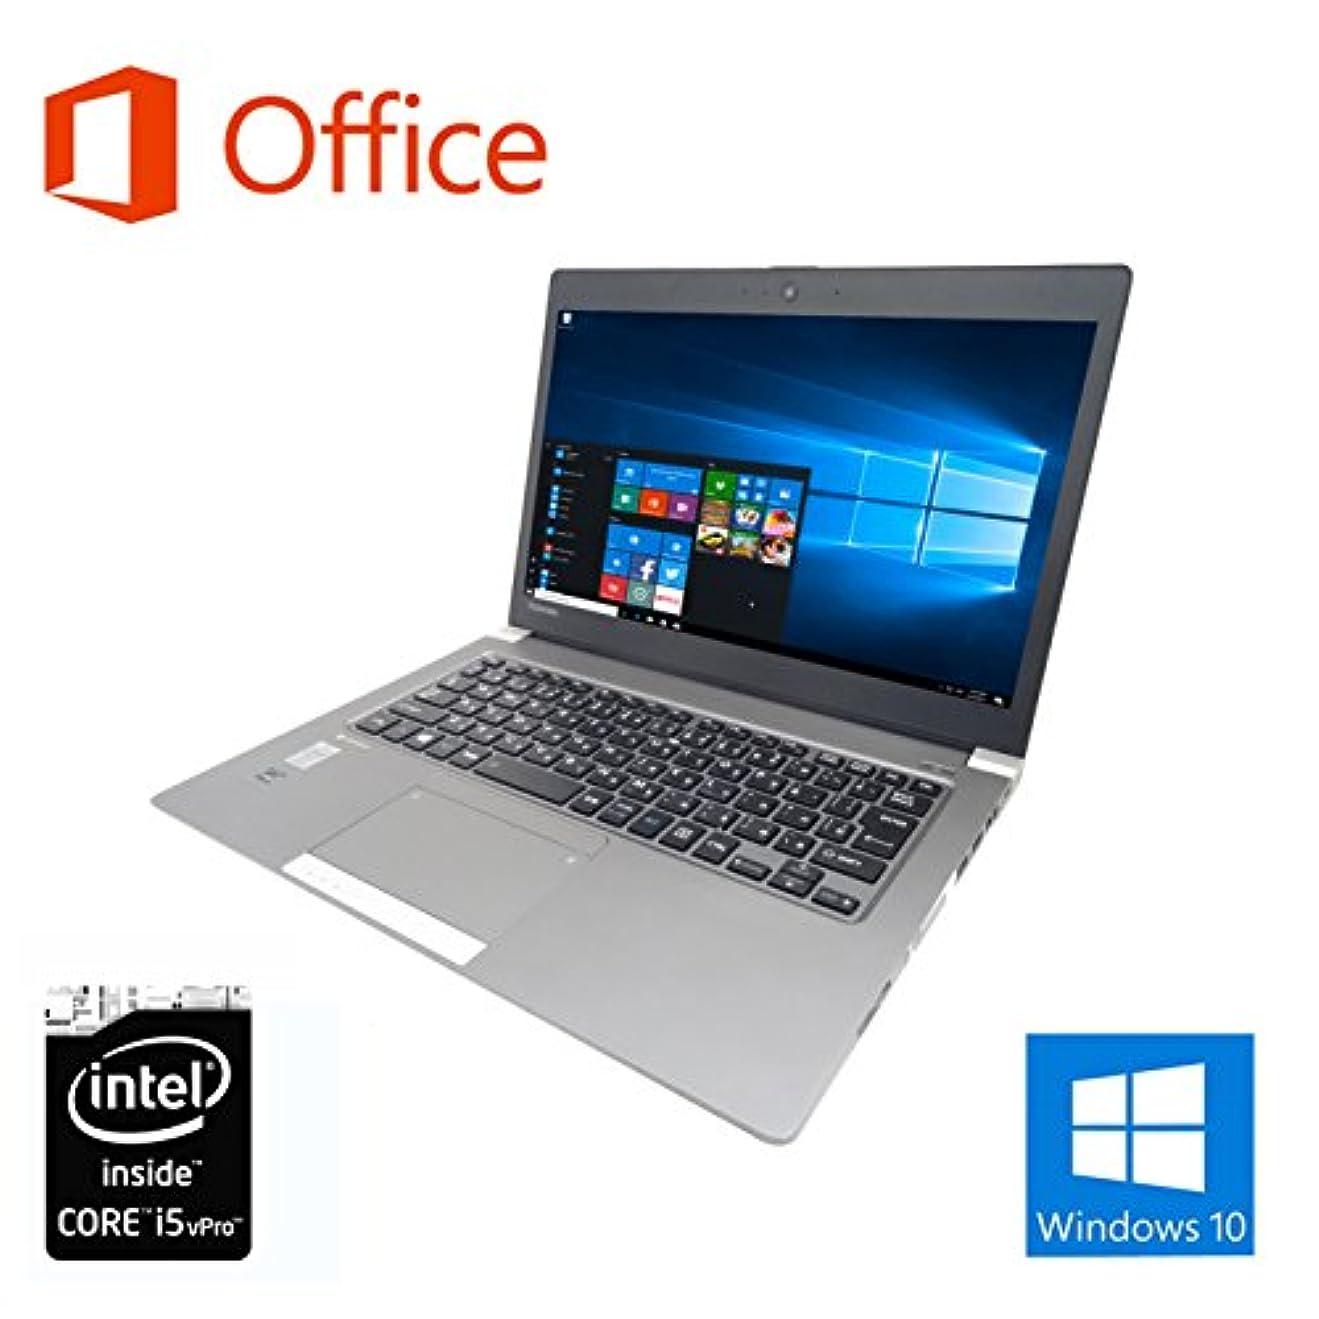 ミリメートルフォーラムモルヒネ【Microsoft Office 2016搭載】【Win 10搭載】TOSHIBA R634/第四世代Core i5-4300U 1.9GHz/新品メモリ:4GB/SSD:128GB/HDMI/USB 3.0/13.3型TFTカラー LED液晶/無線LAN/外付けHDD:250GB無料進呈/パワースリムモバイルPC/中古ノートパソコン (SSD:128GB)